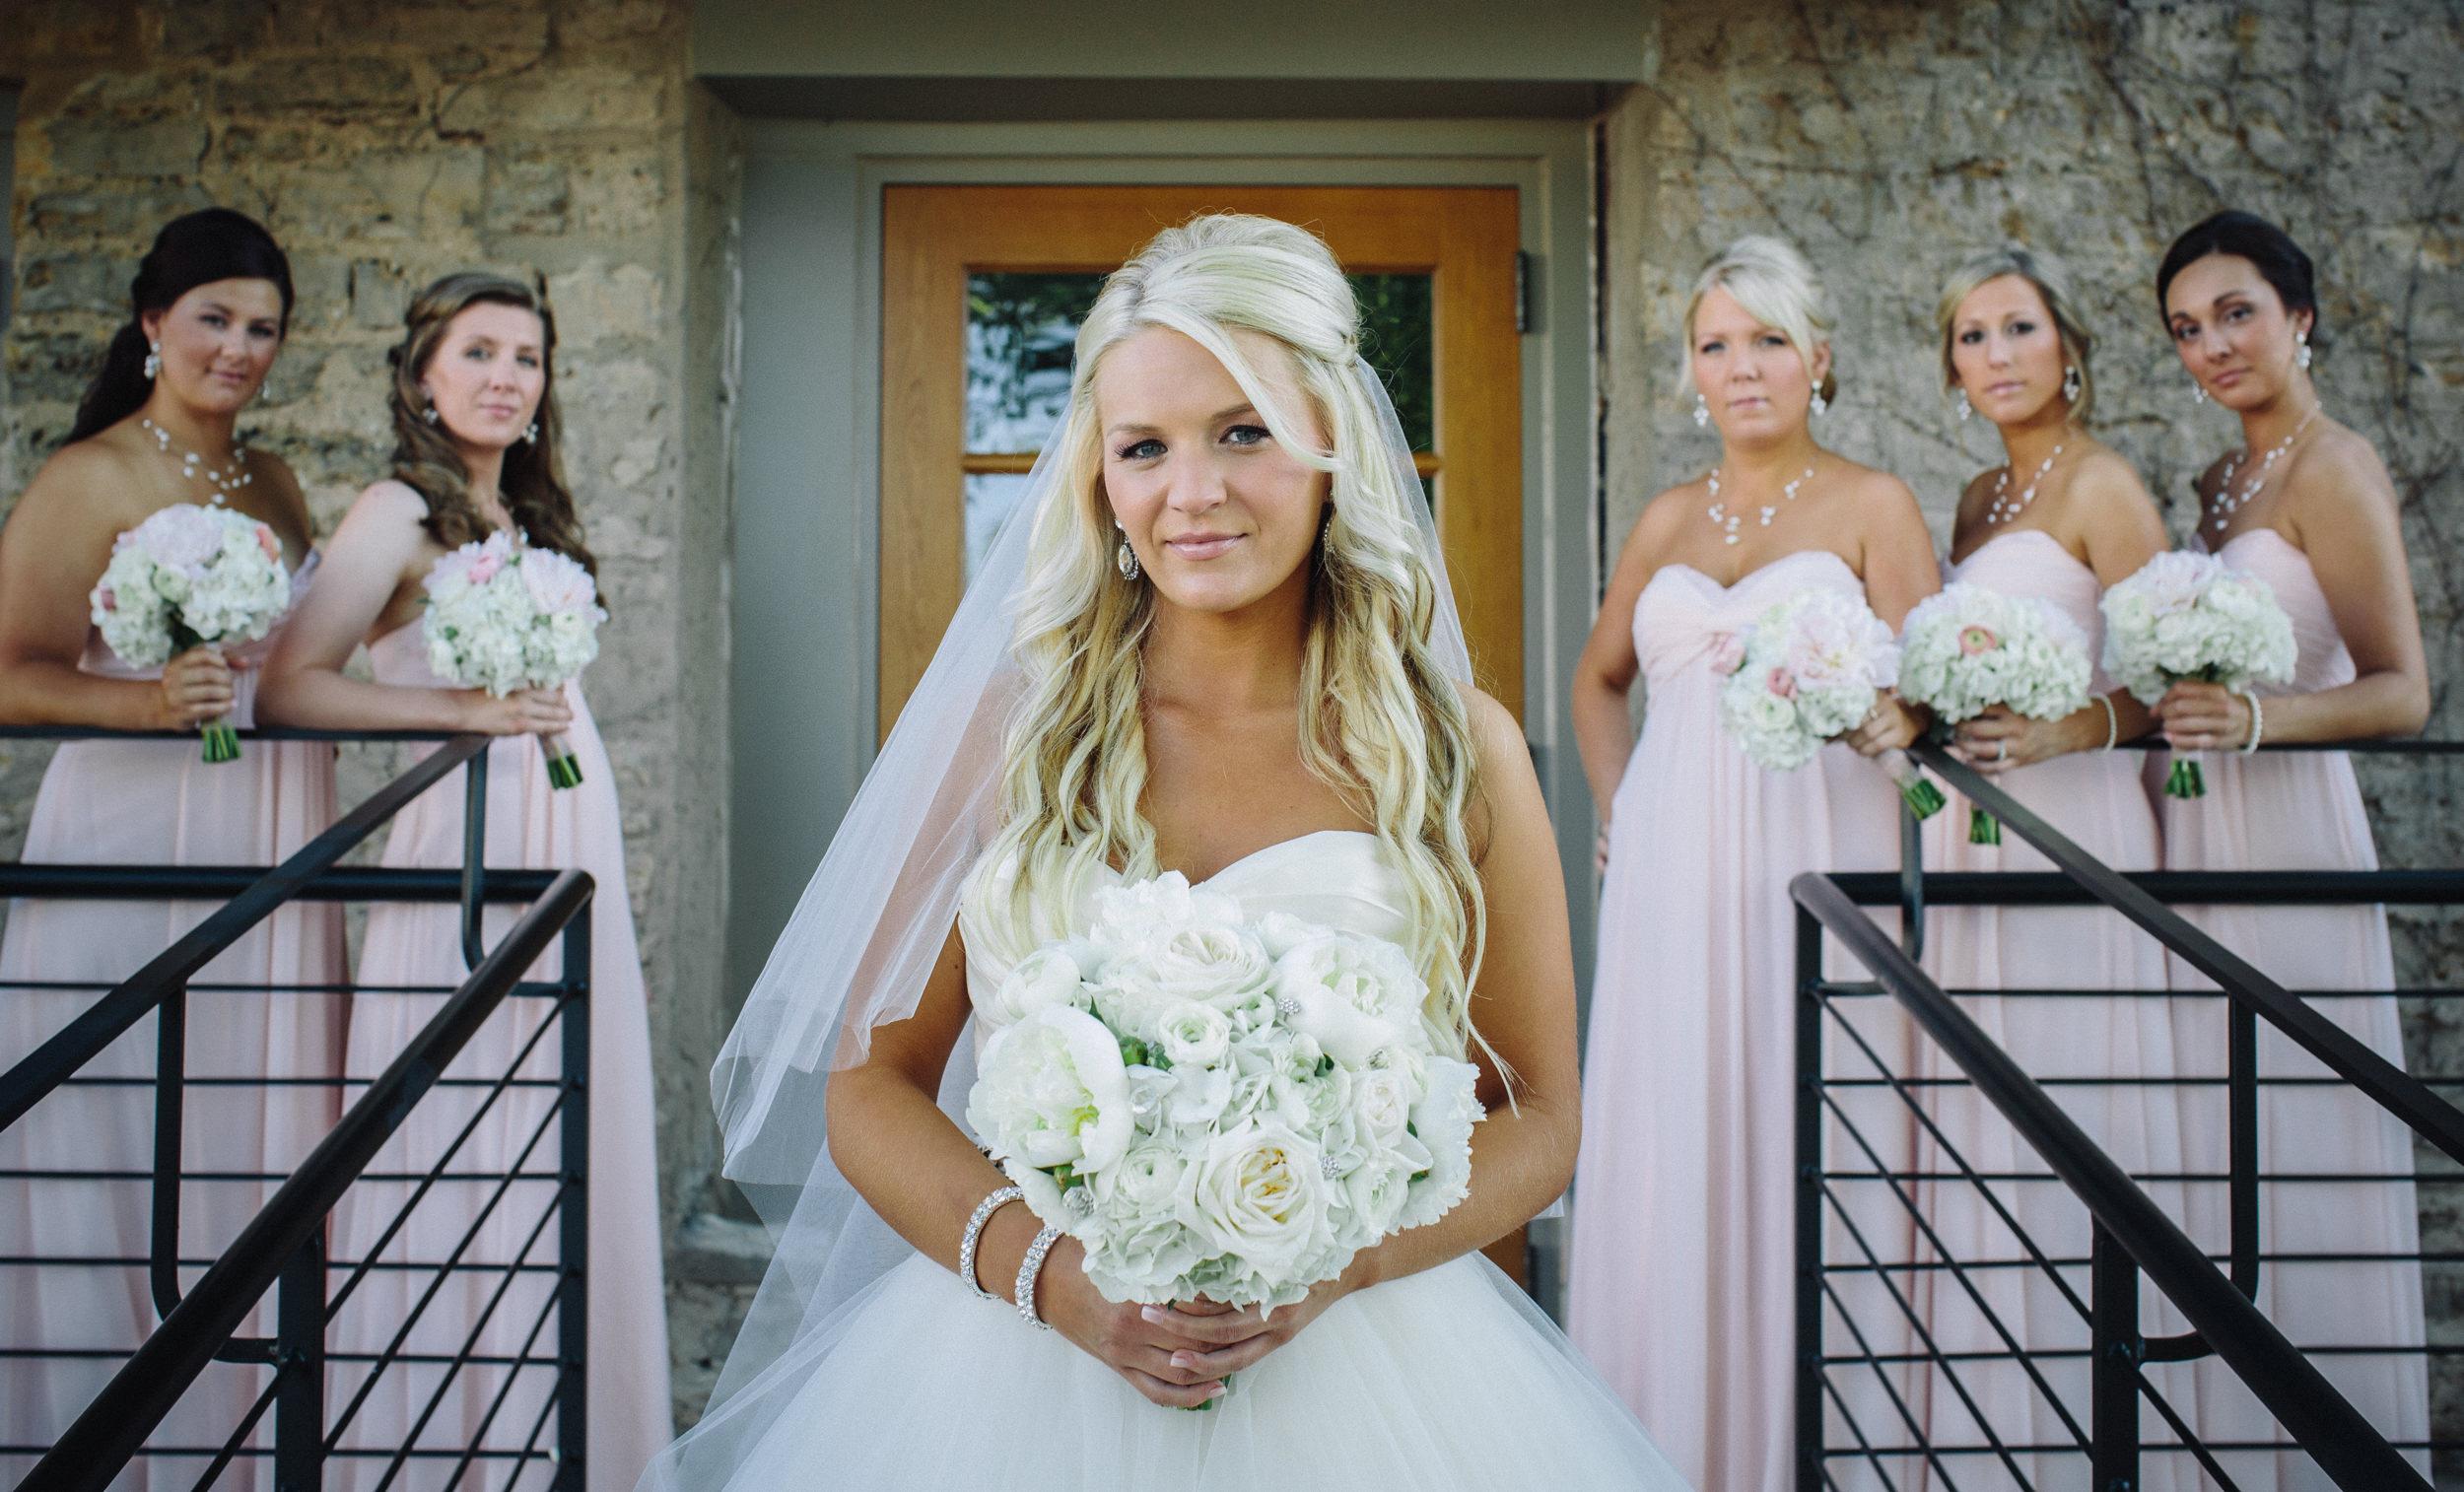 Melinda and Paul's Summer wedding at Prairie Street Brewhouse-122.jpg